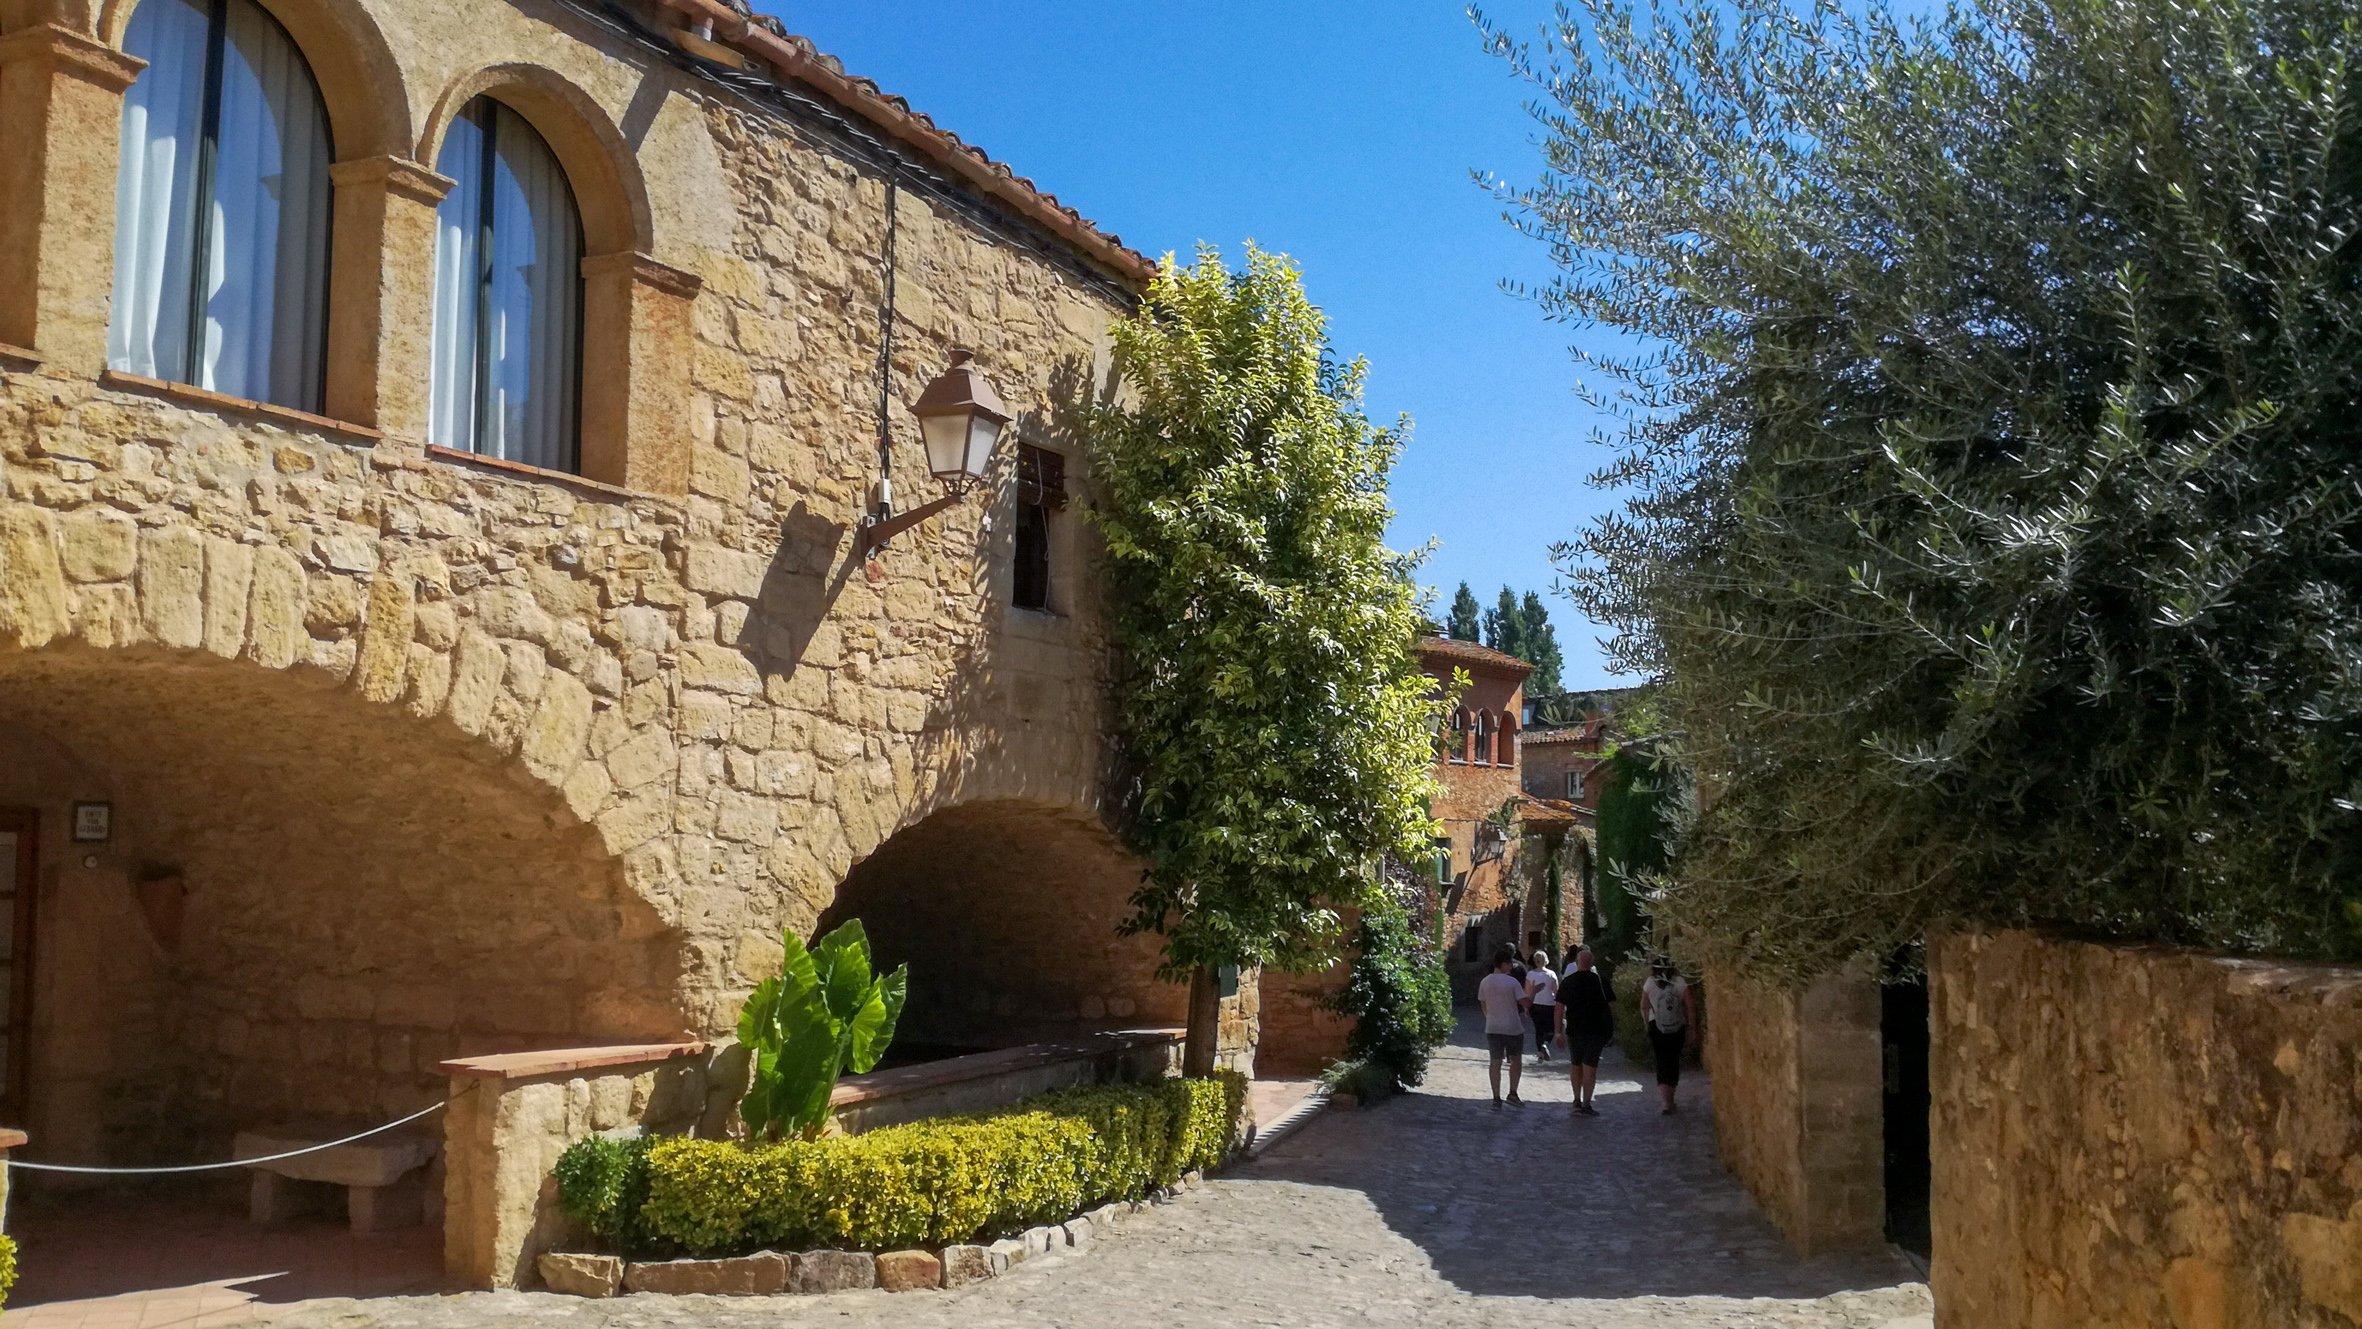 Streetscape, Carrer Hospital-Perat, Peratallada medieval town